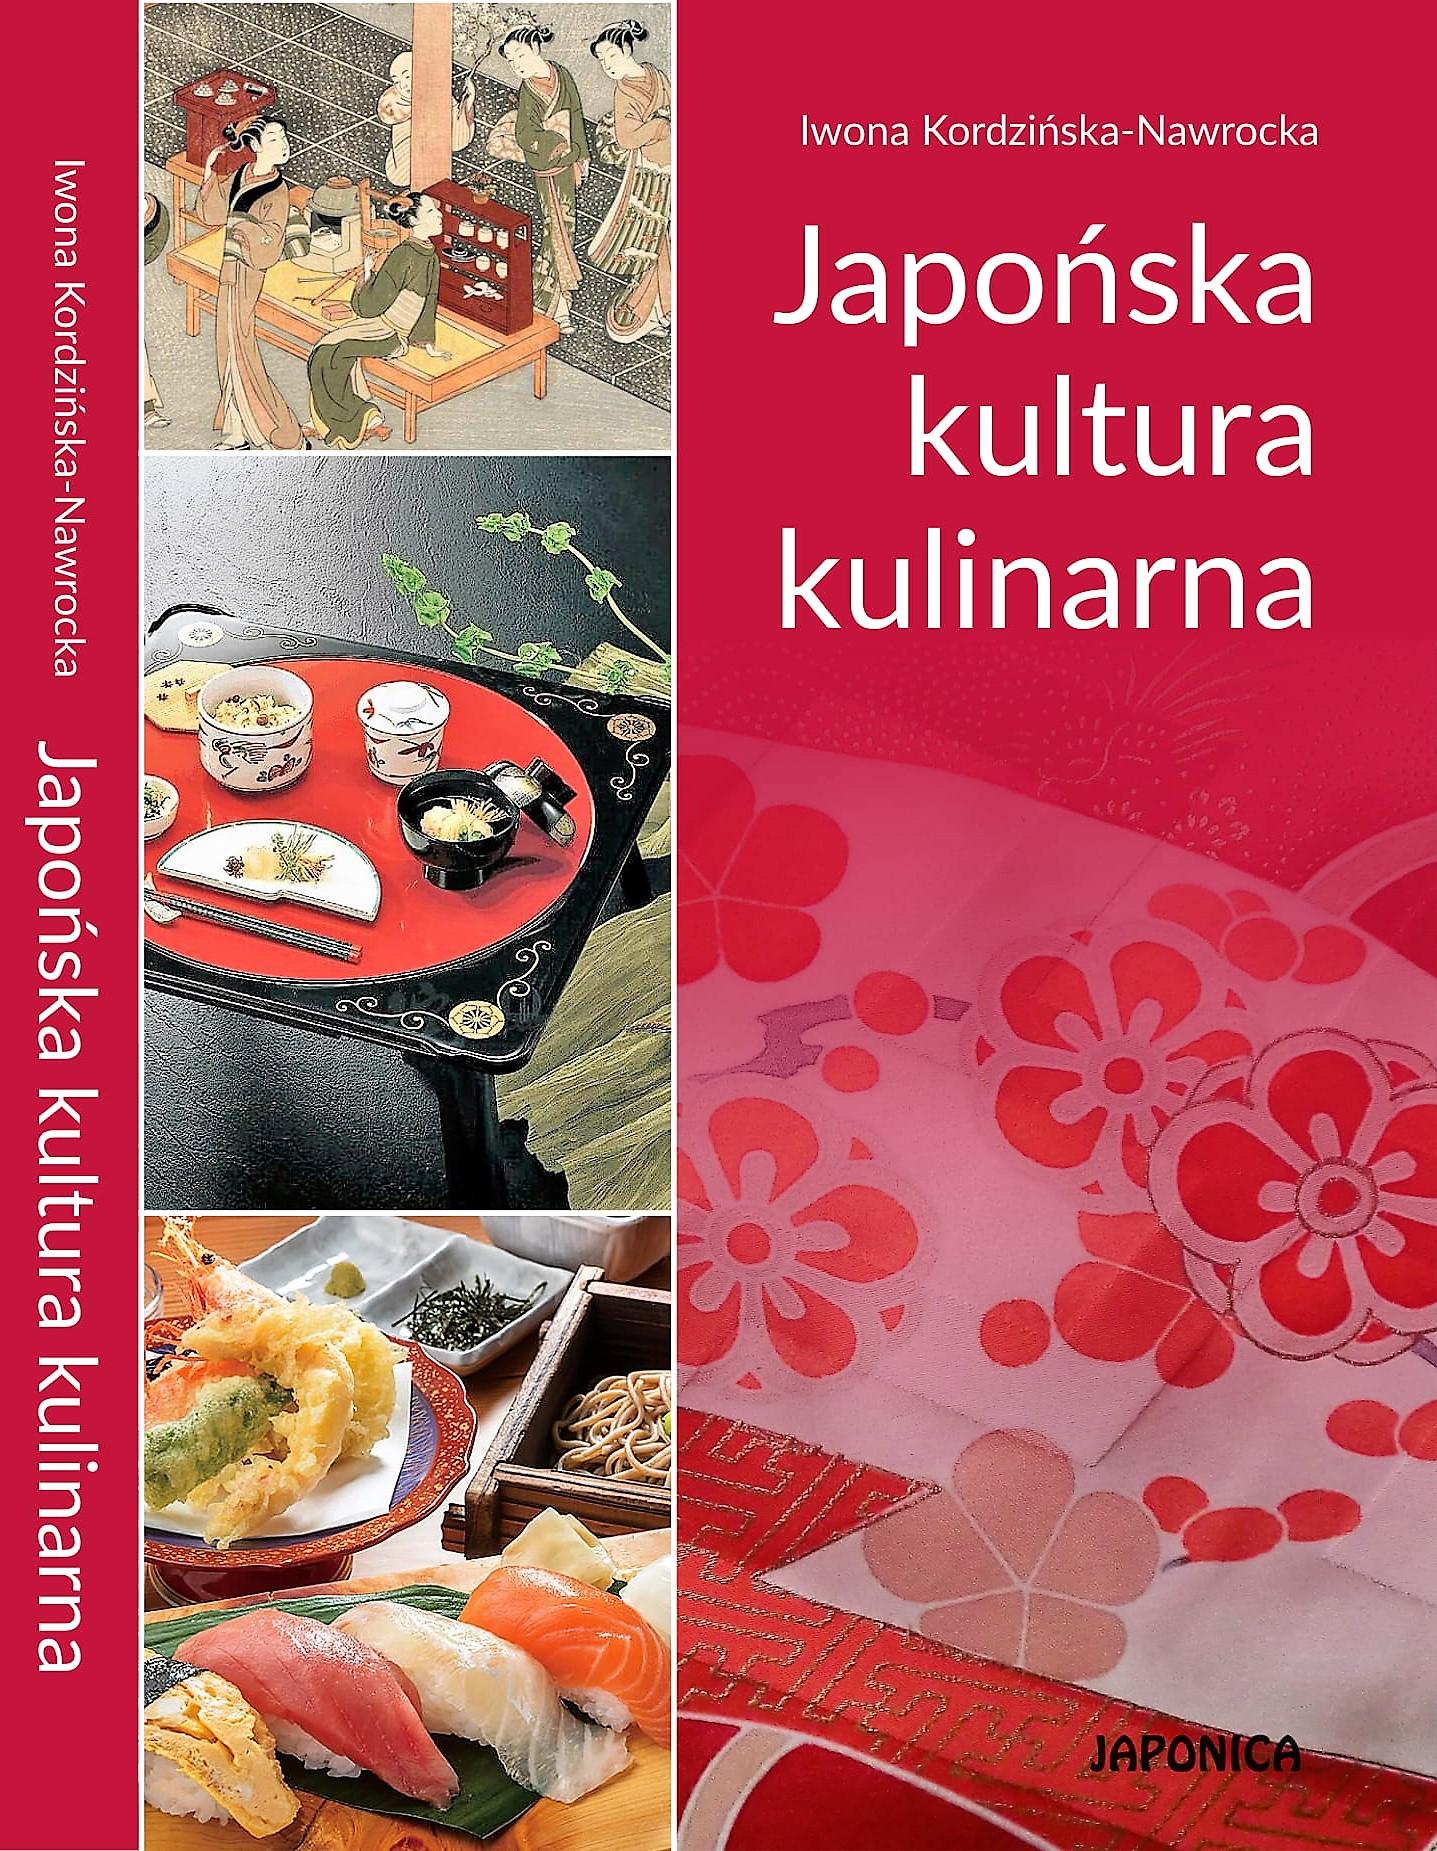 Iwona Kordzinska Nawrocka Japonska Kultura Kulinarna Pdf Oraz E Pub Japonica